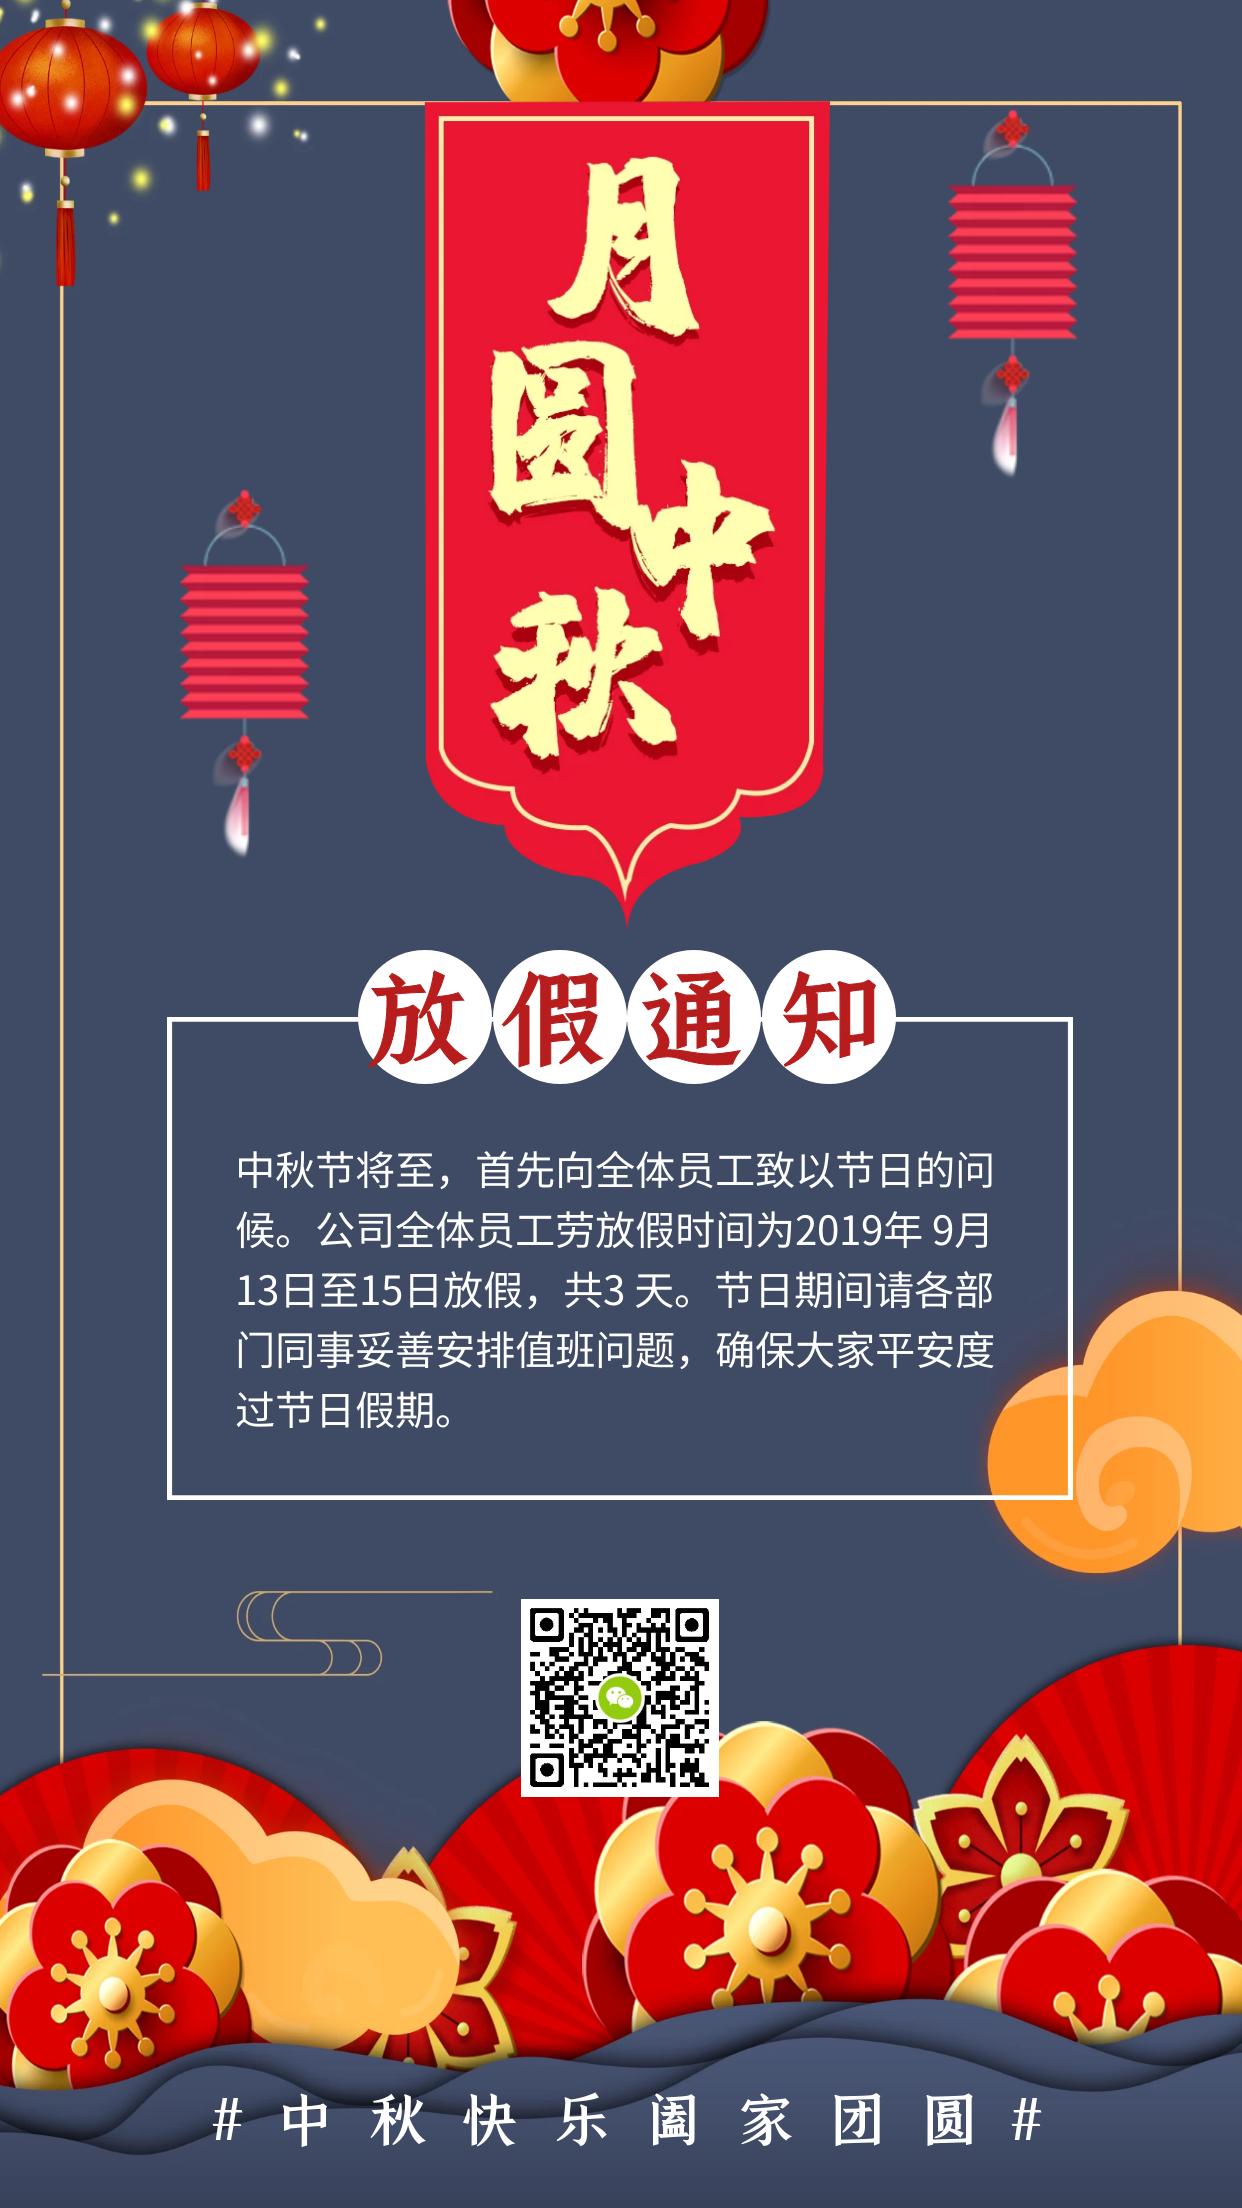 <b>恒源矿山设备2019年中秋节放假具体安排通知如下</b>